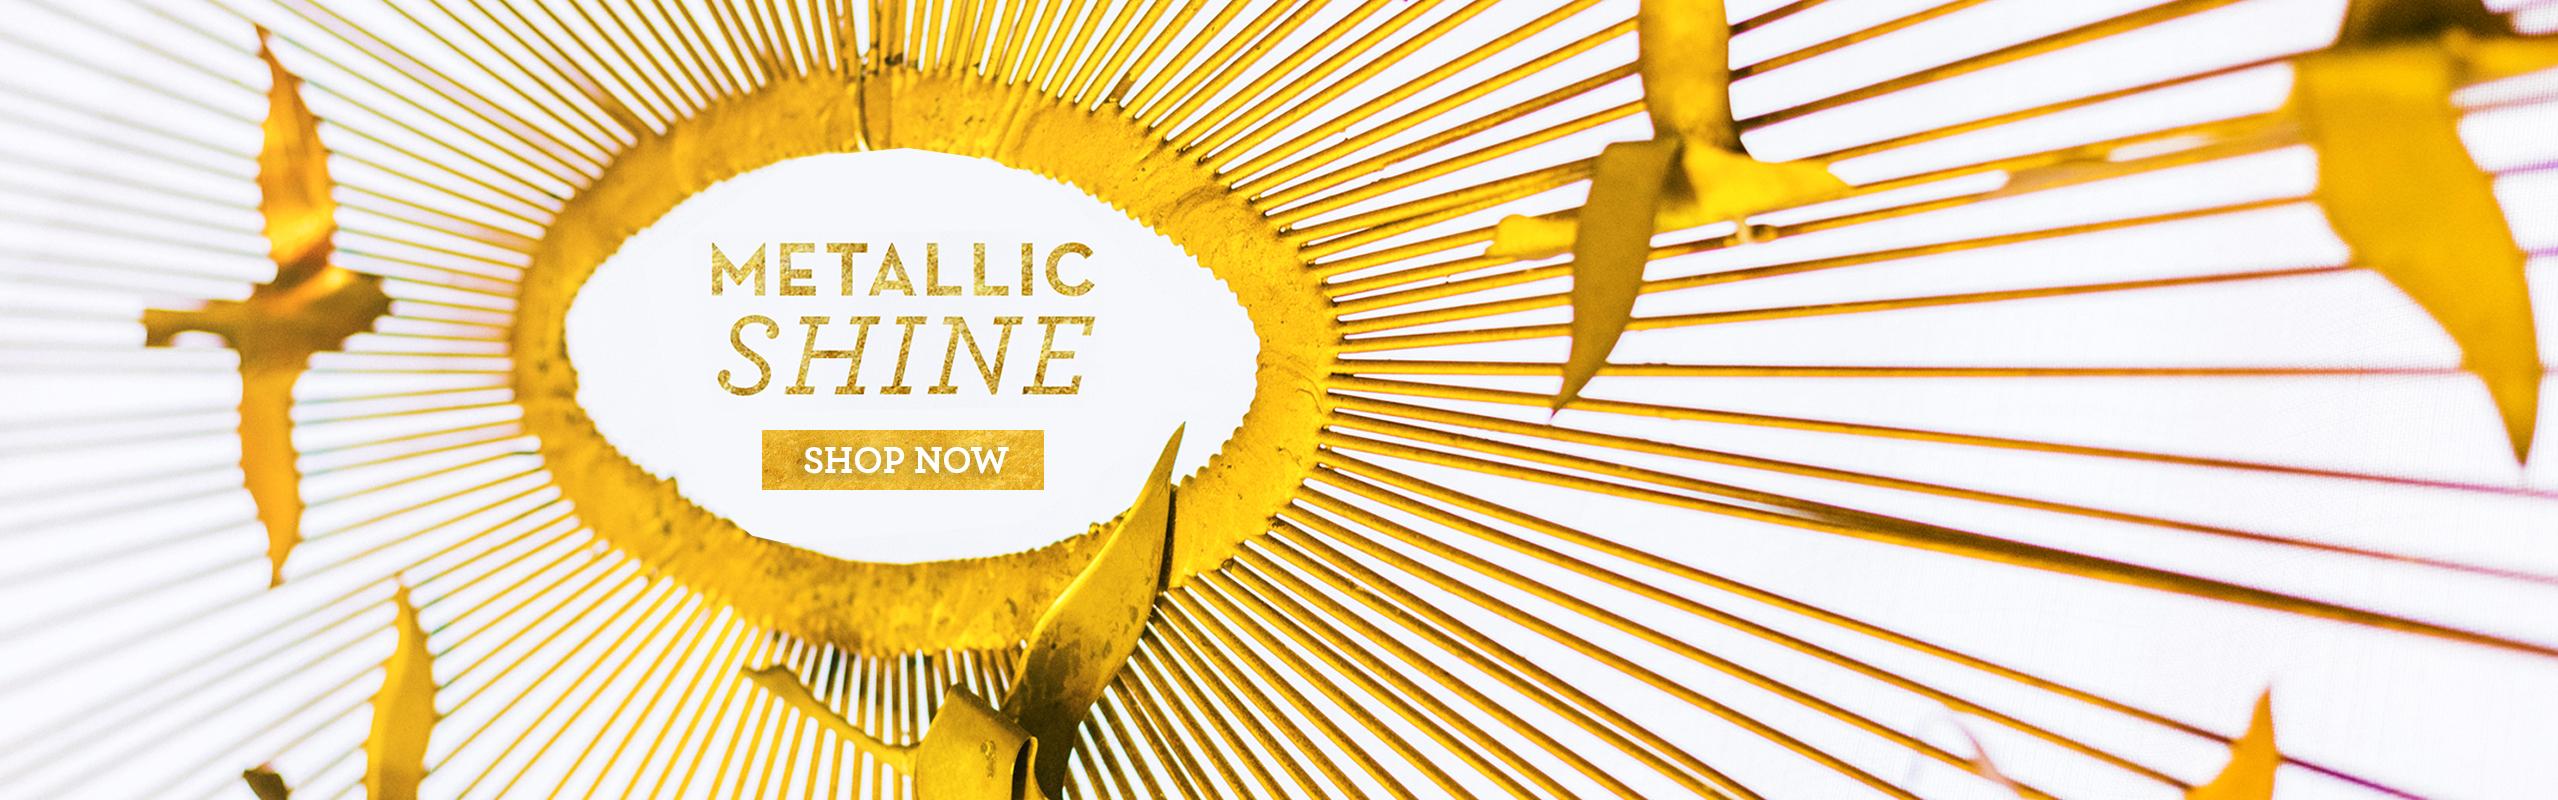 kakar_metallicshine-newsletter-header_v3